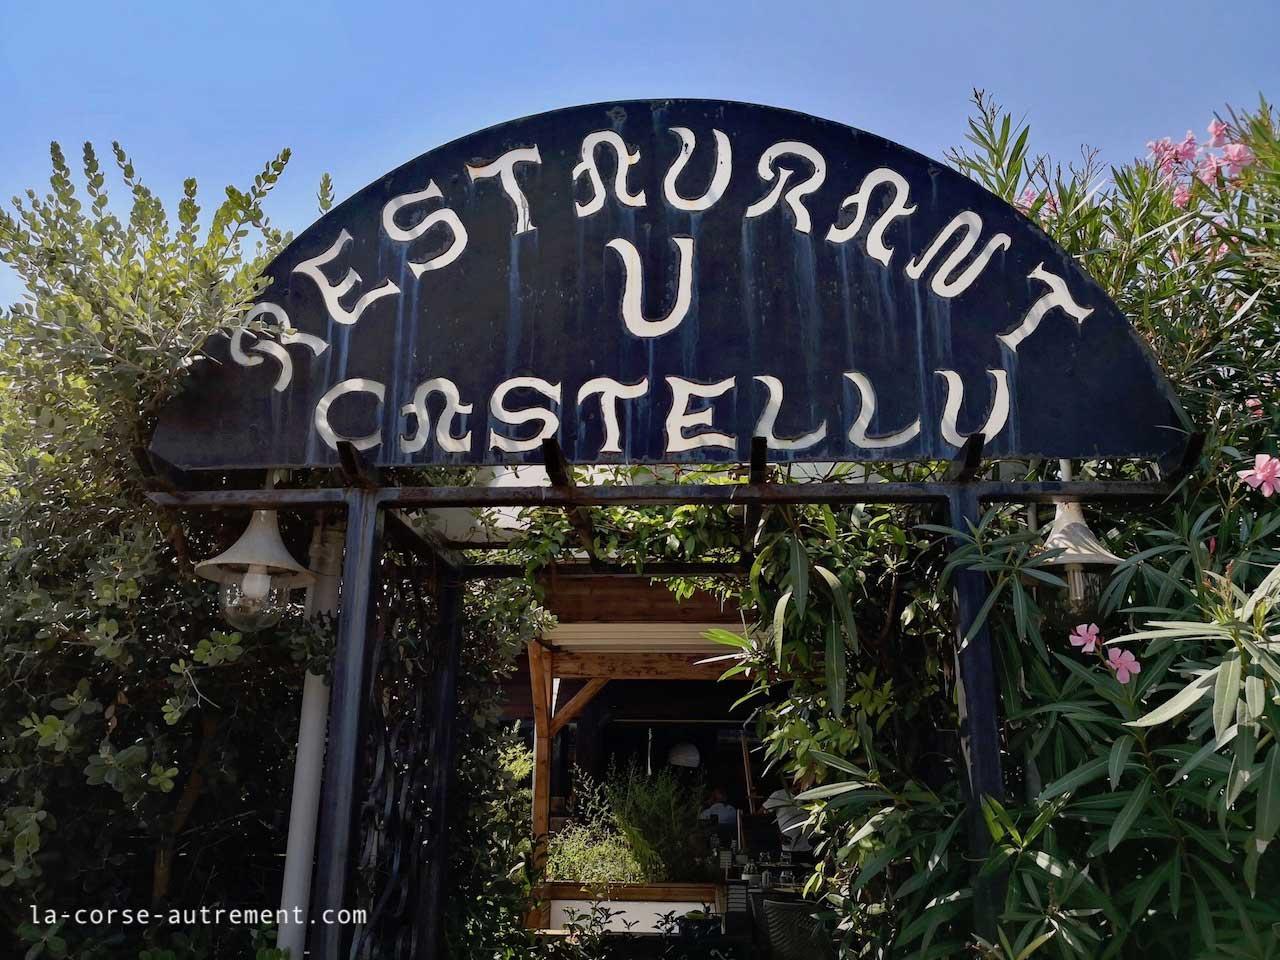 U Castellu Sagone